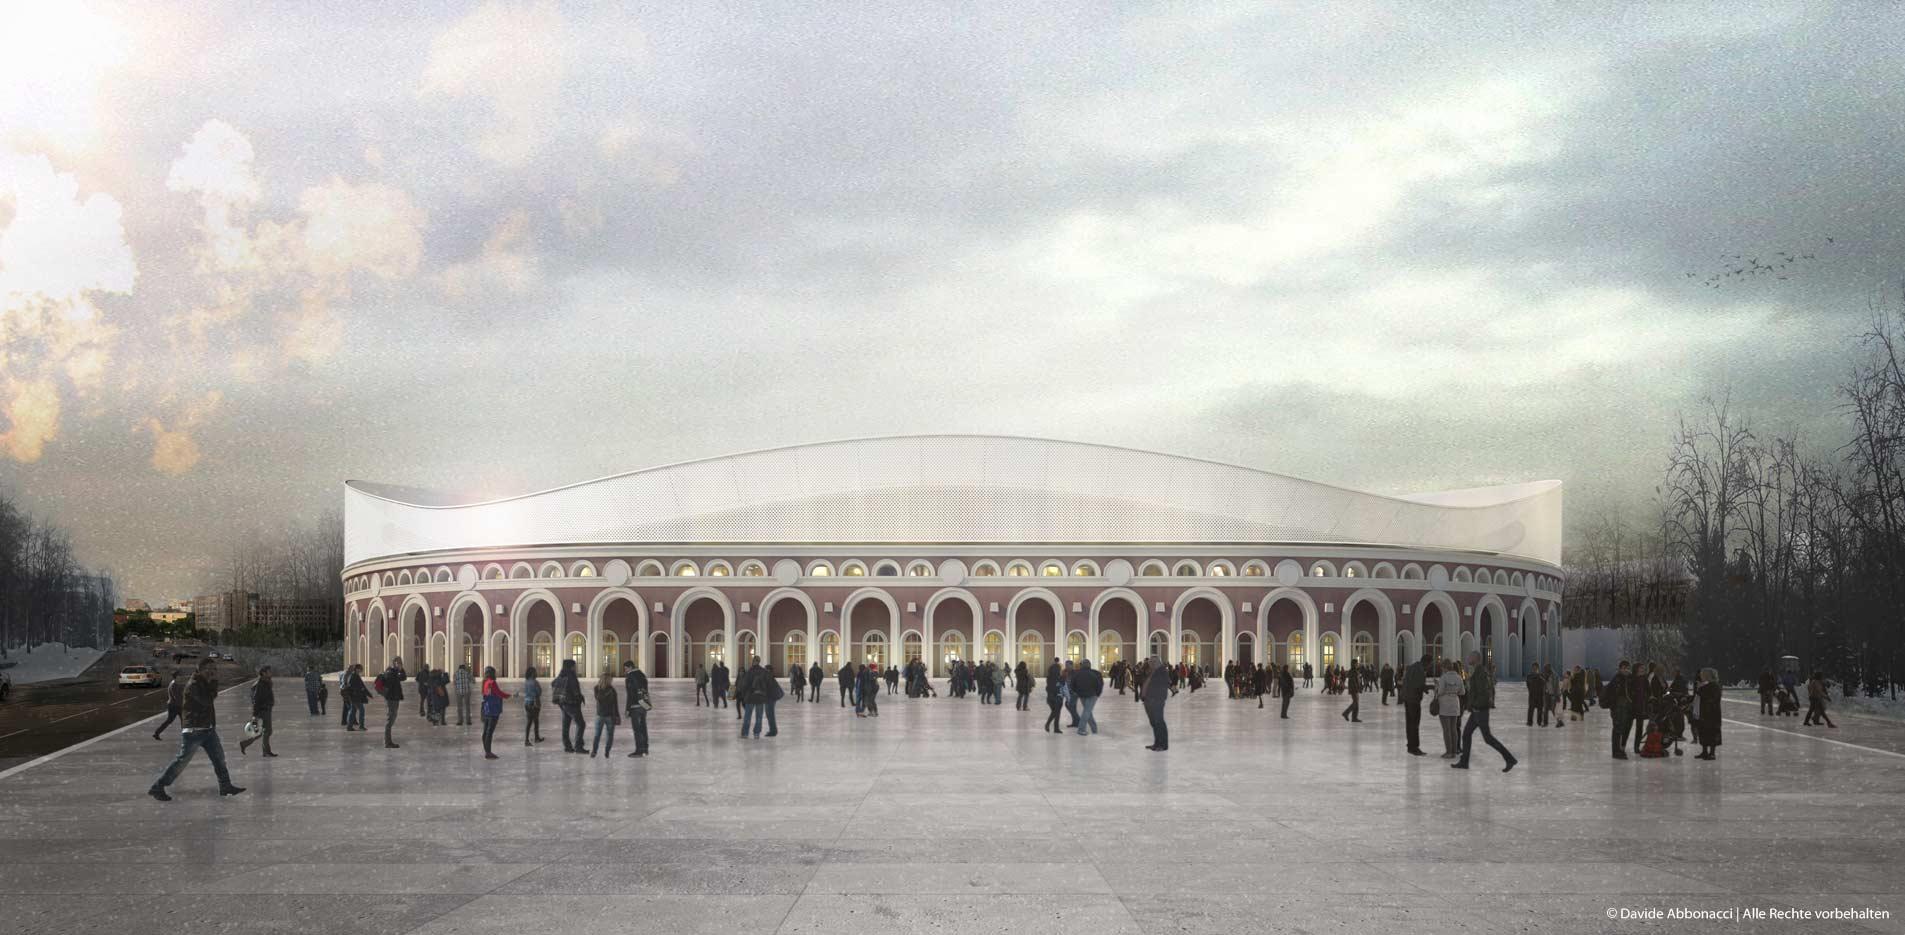 Umbau Stadium Minsk, Weißrussland | gmp Architekten von Gerkan, Marg und Partner | 2013 Visualisierung Projektzwischenstand